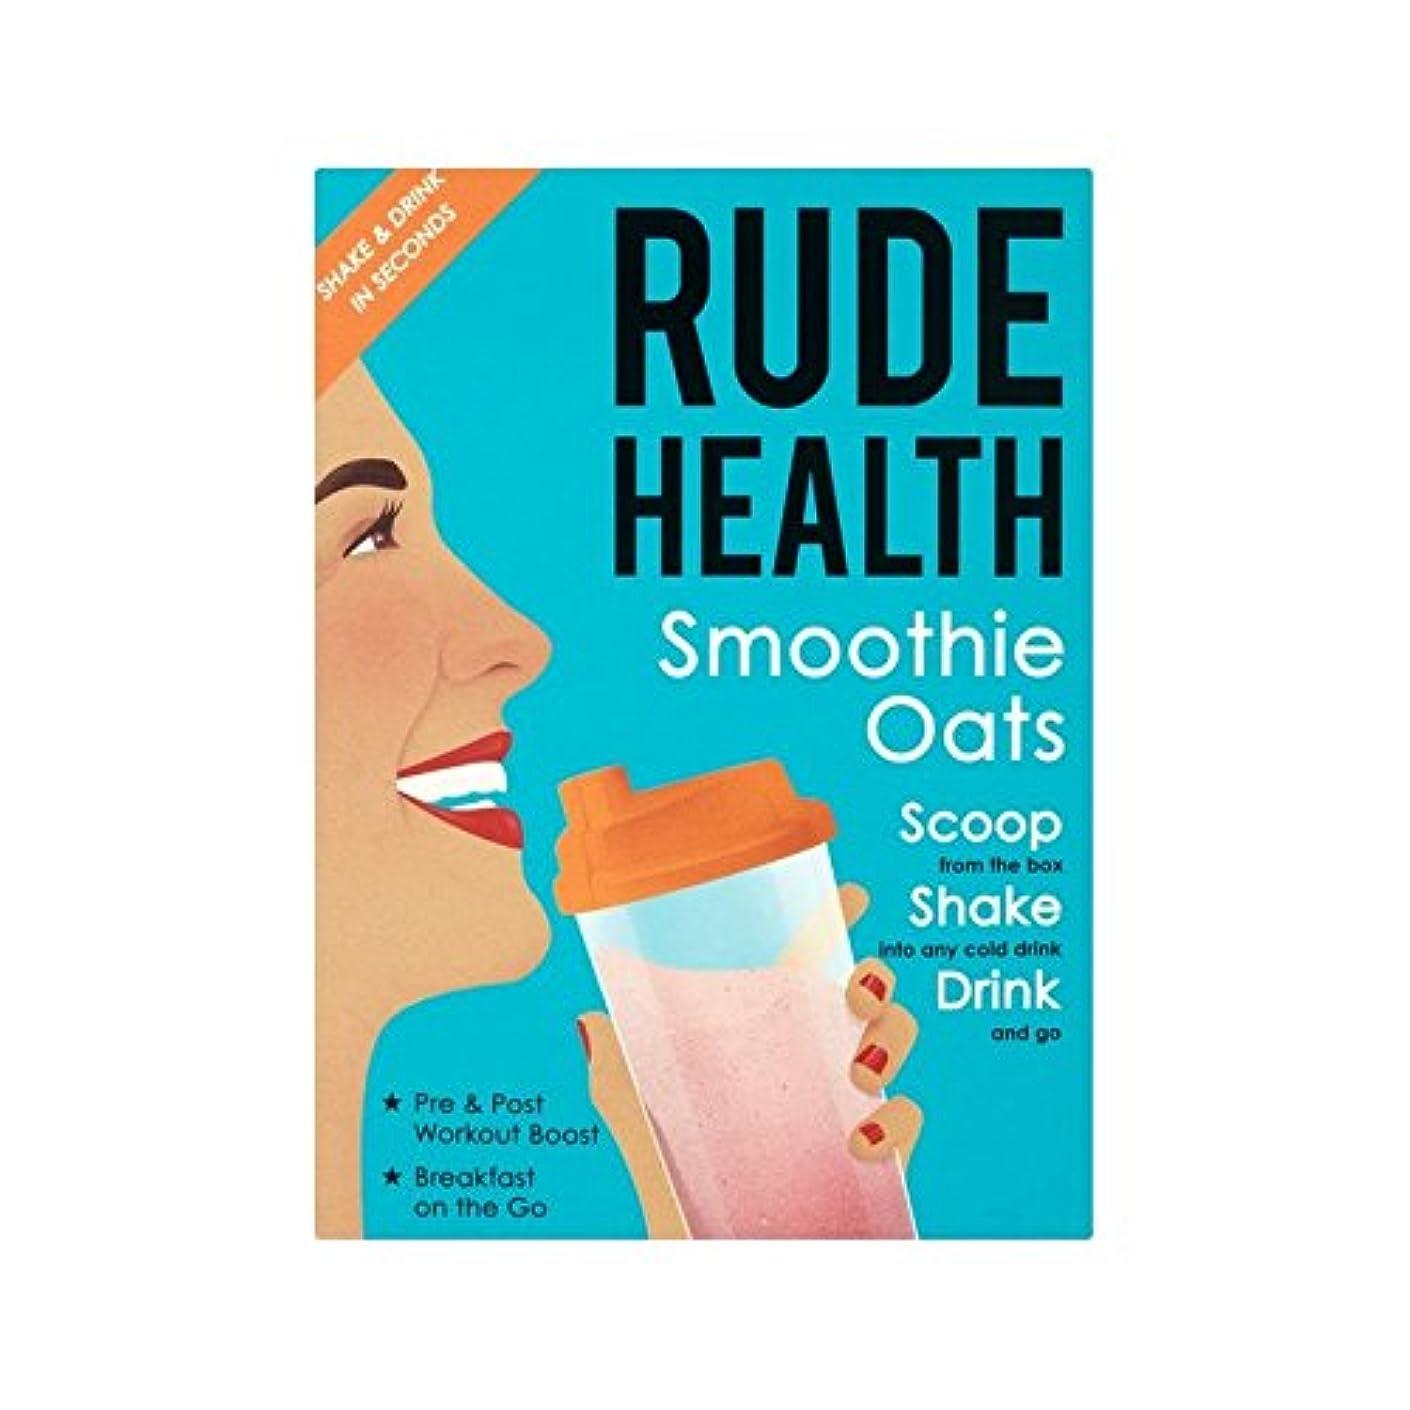 ゆりライフルパドルスムージーオート麦250グラム (Rude Health) (x 4) - Rude Health Smoothie Oats 250g (Pack of 4) [並行輸入品]